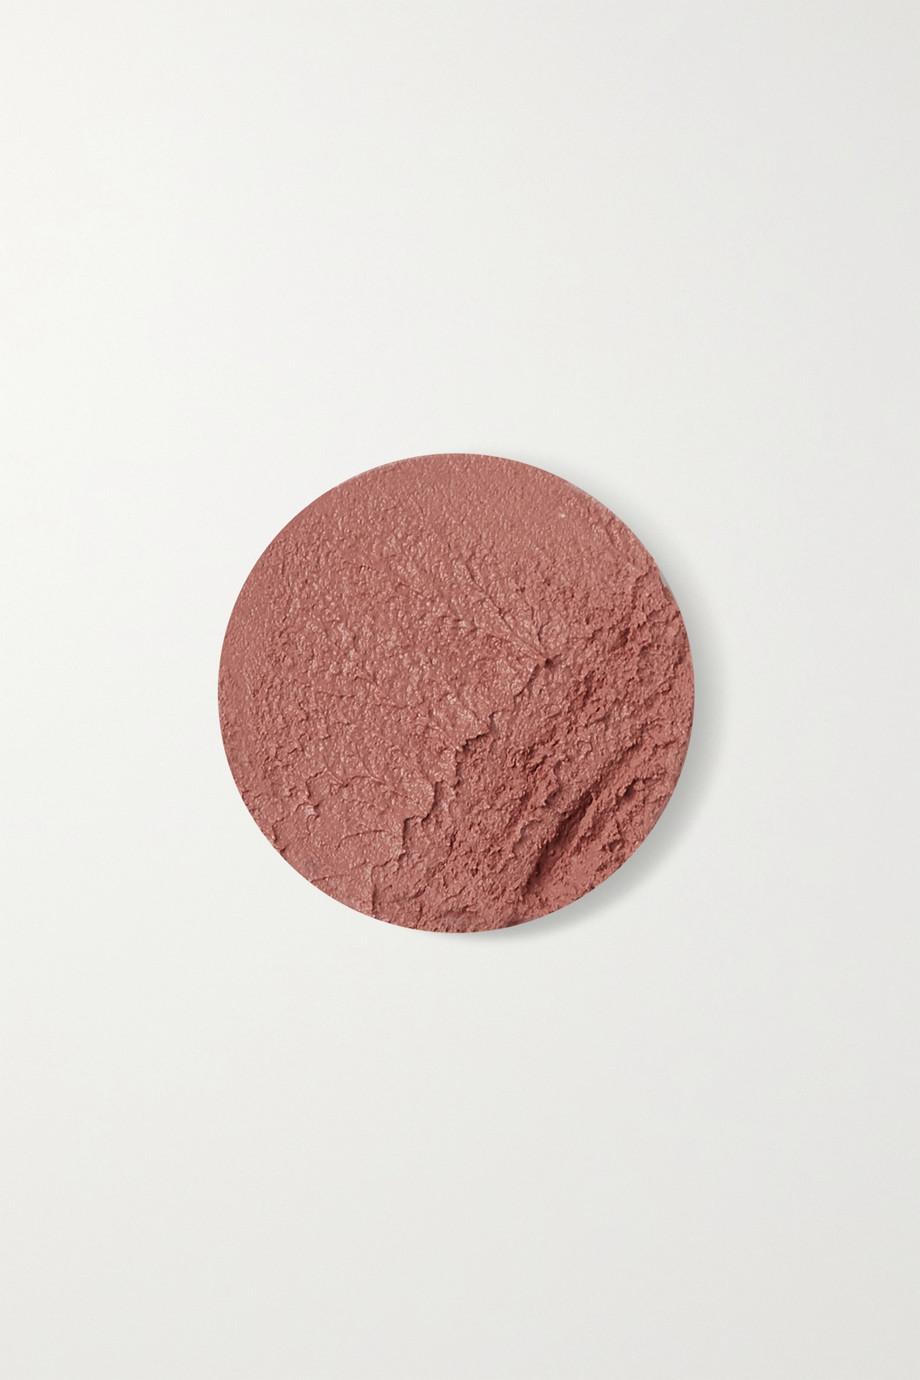 Kjaer Weis Lipstick - Sincere